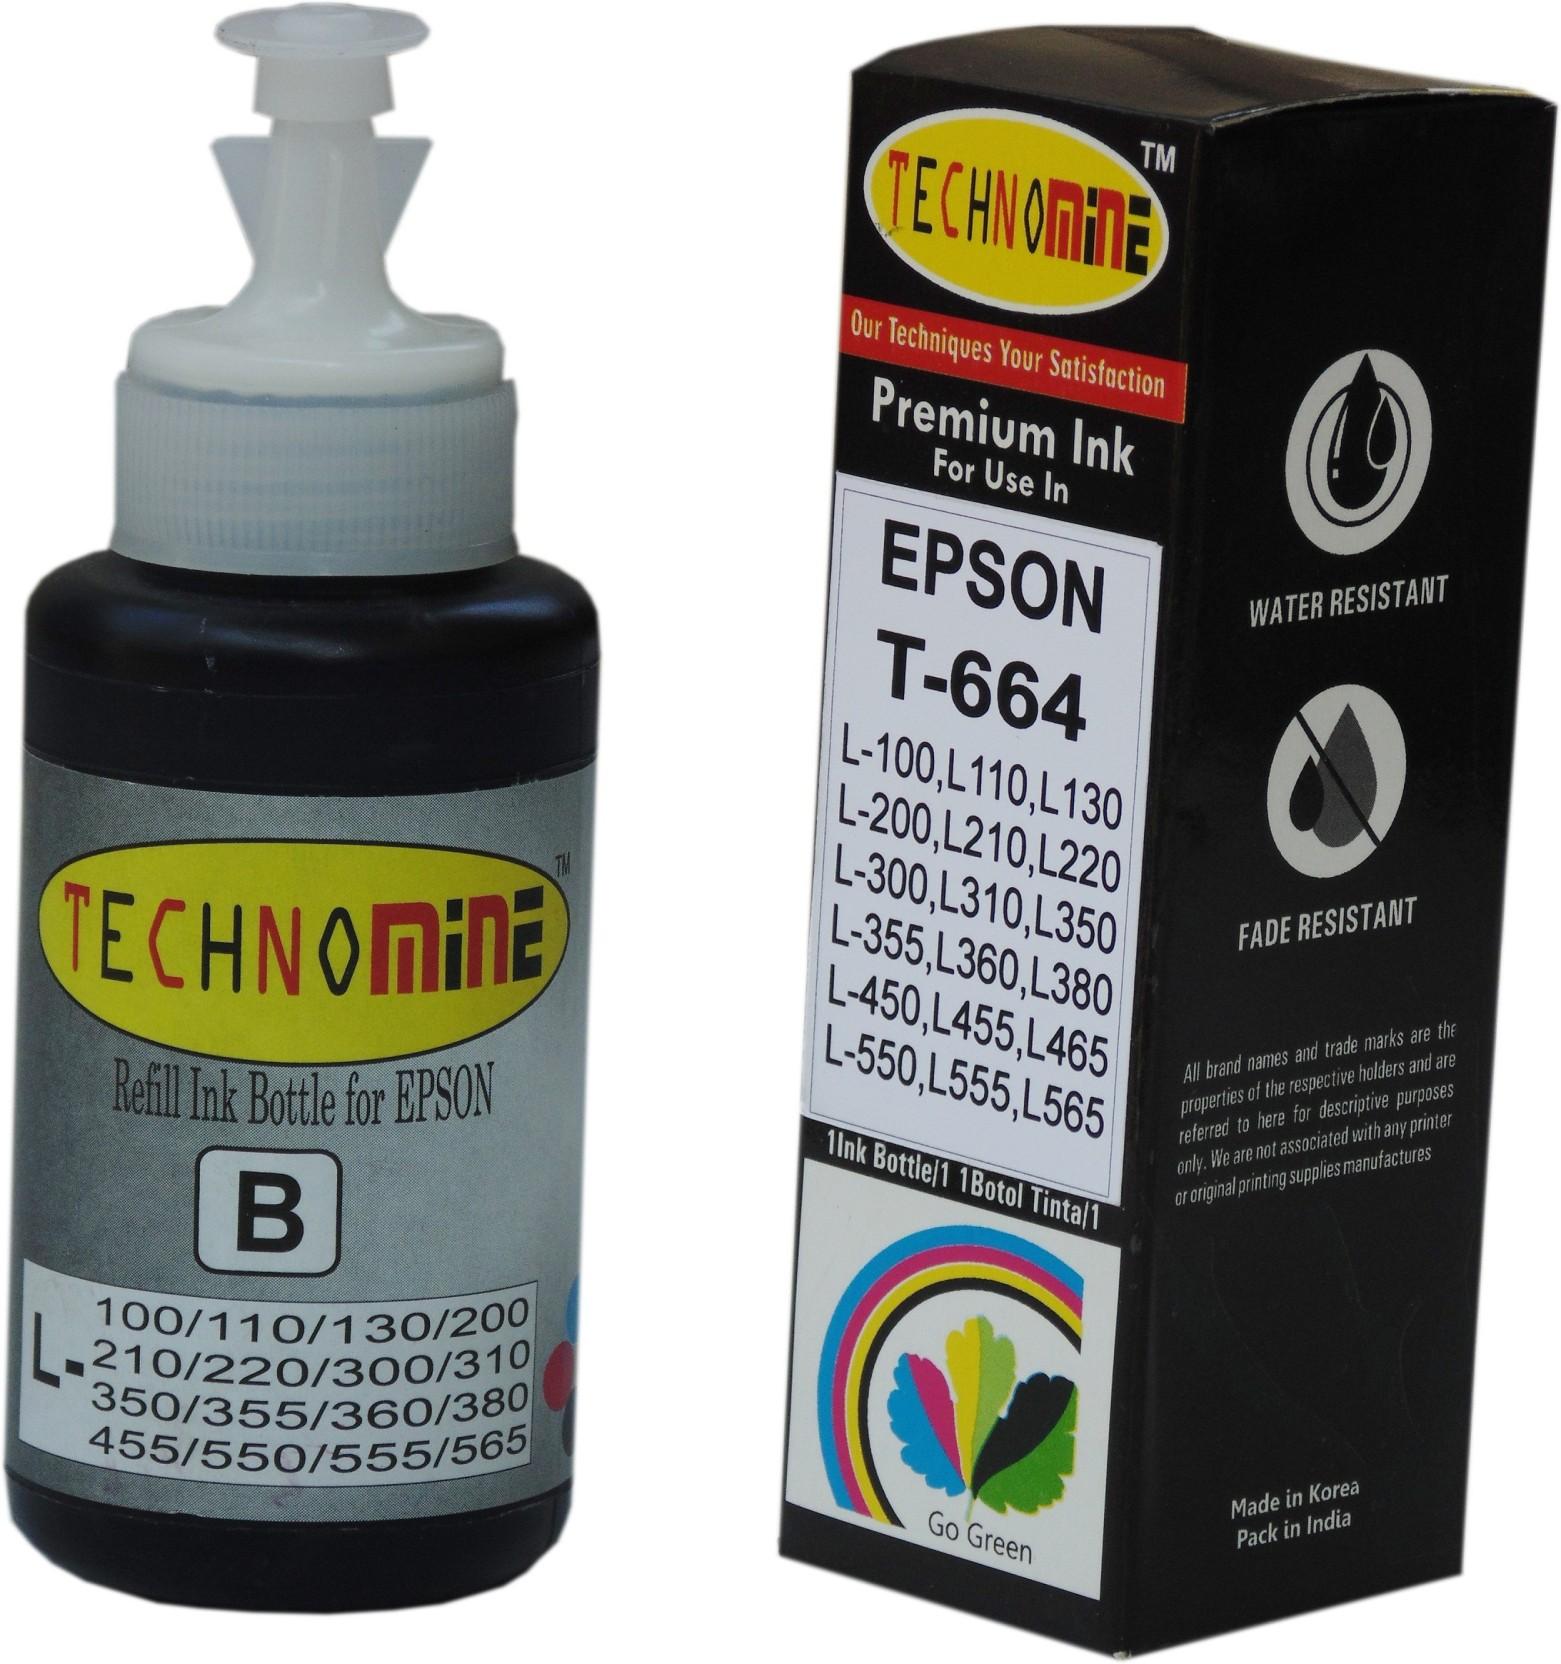 Technomine Epson L100l210l220l360l380l450l455l550l565 Inkjet Printer L 360 Add To Cart